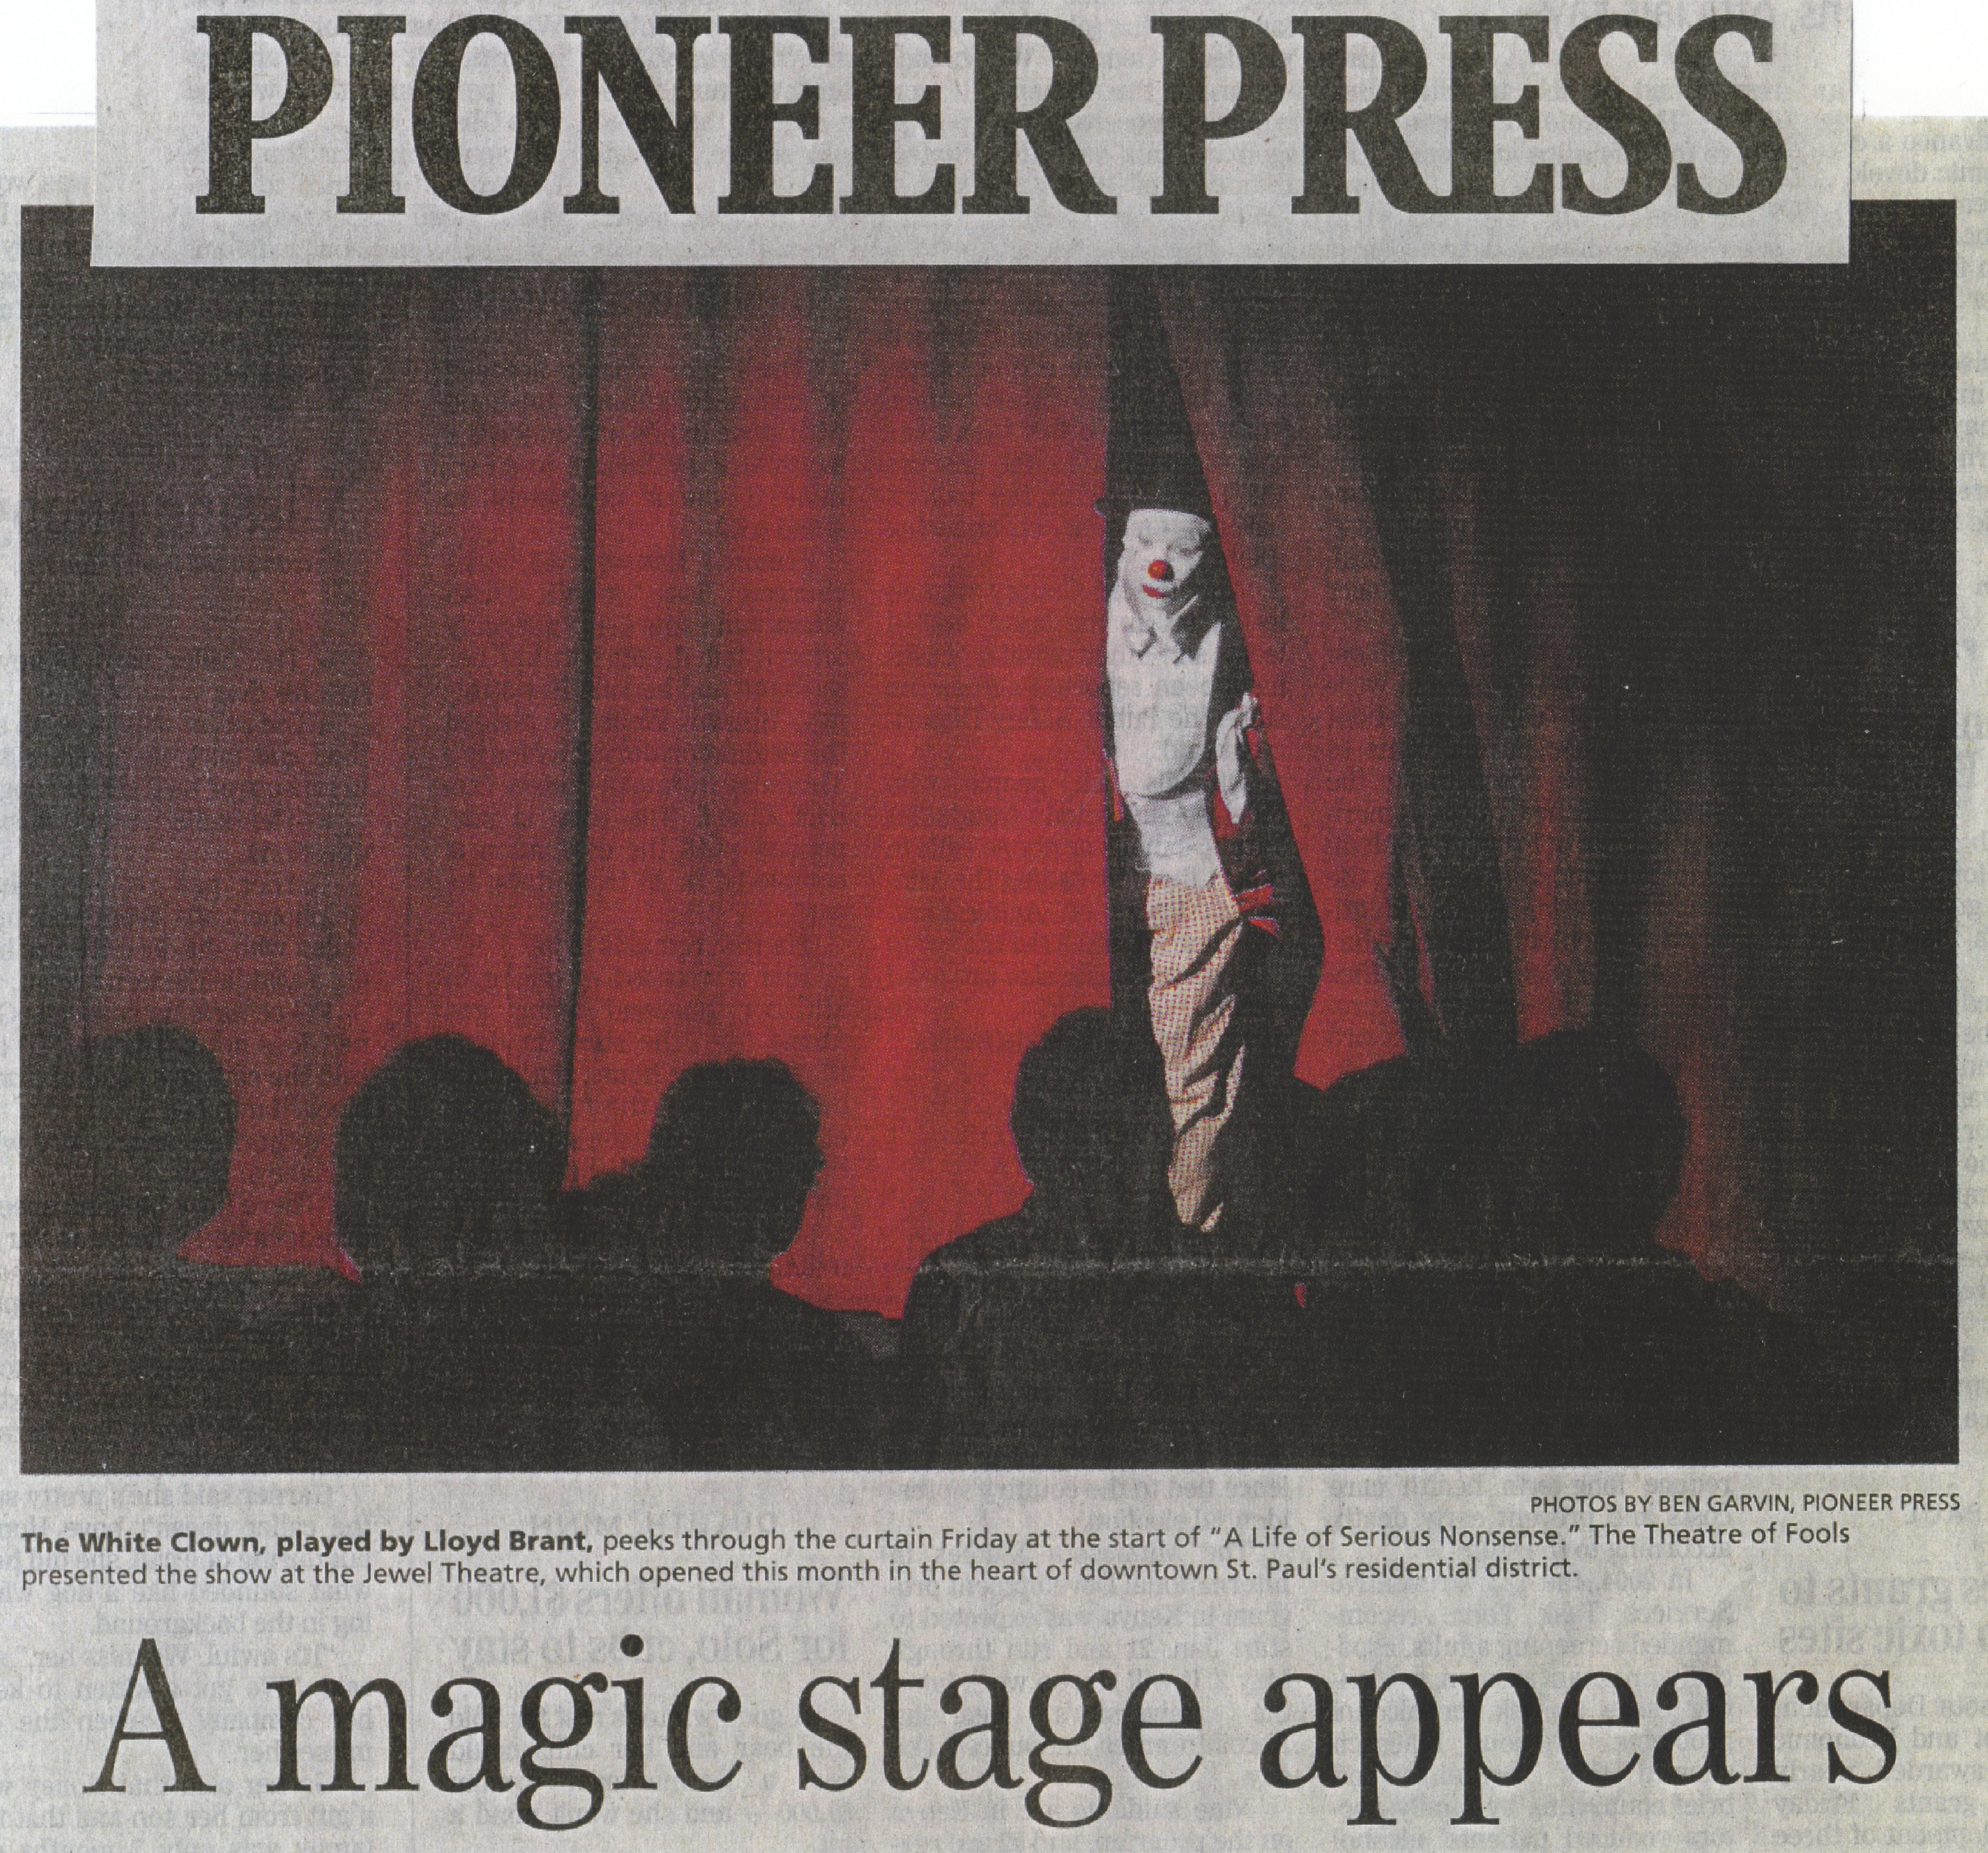 Jewel Theatre Press